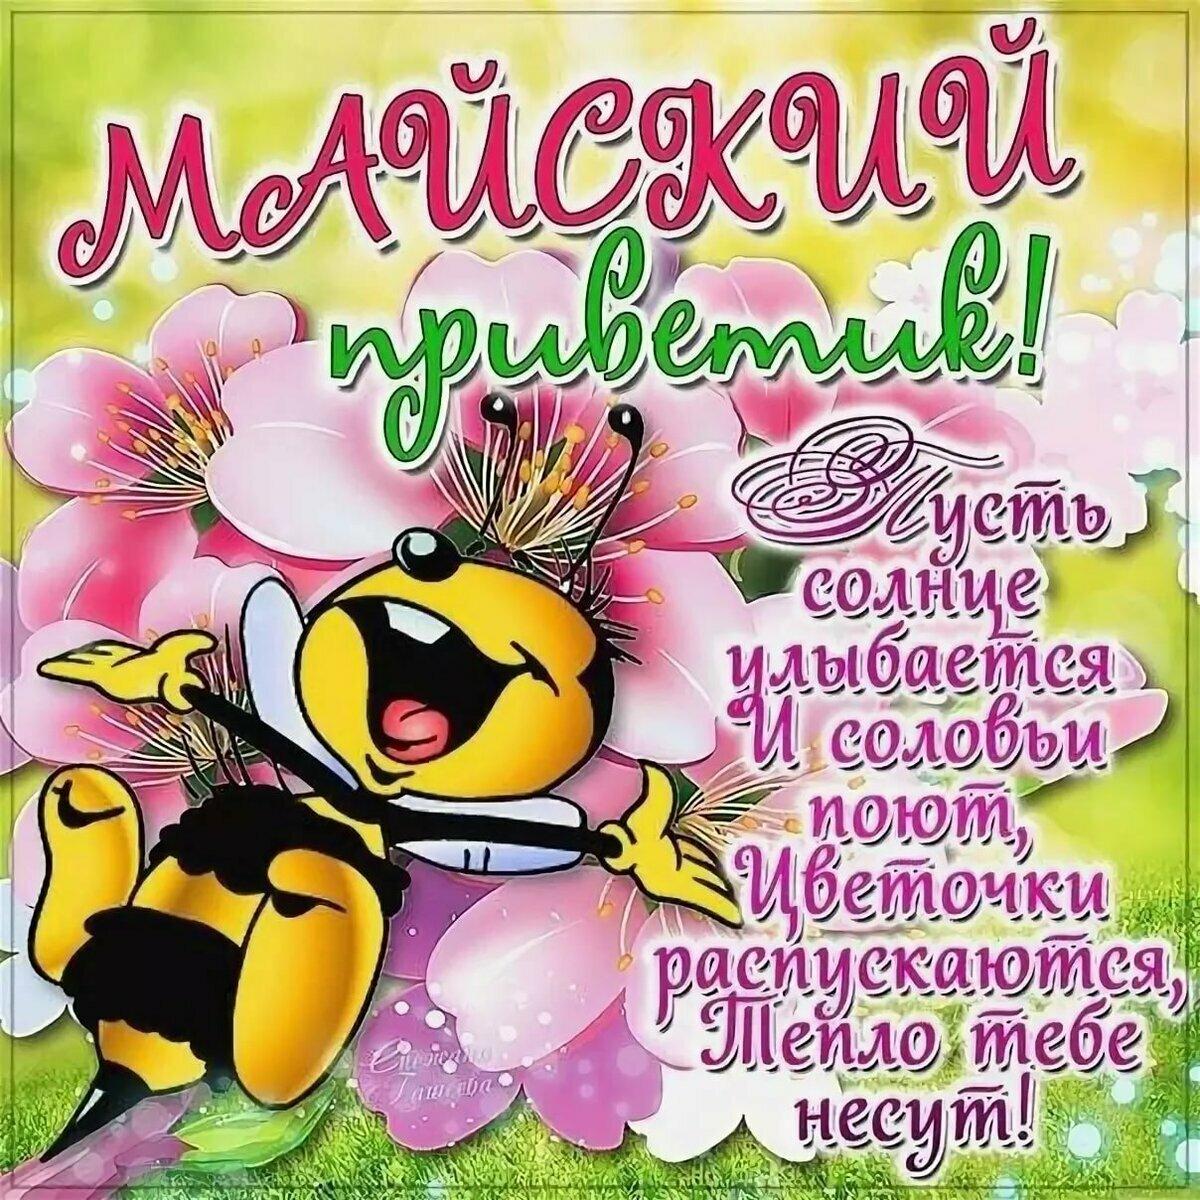 остальных майские праздники открытка веселая фото